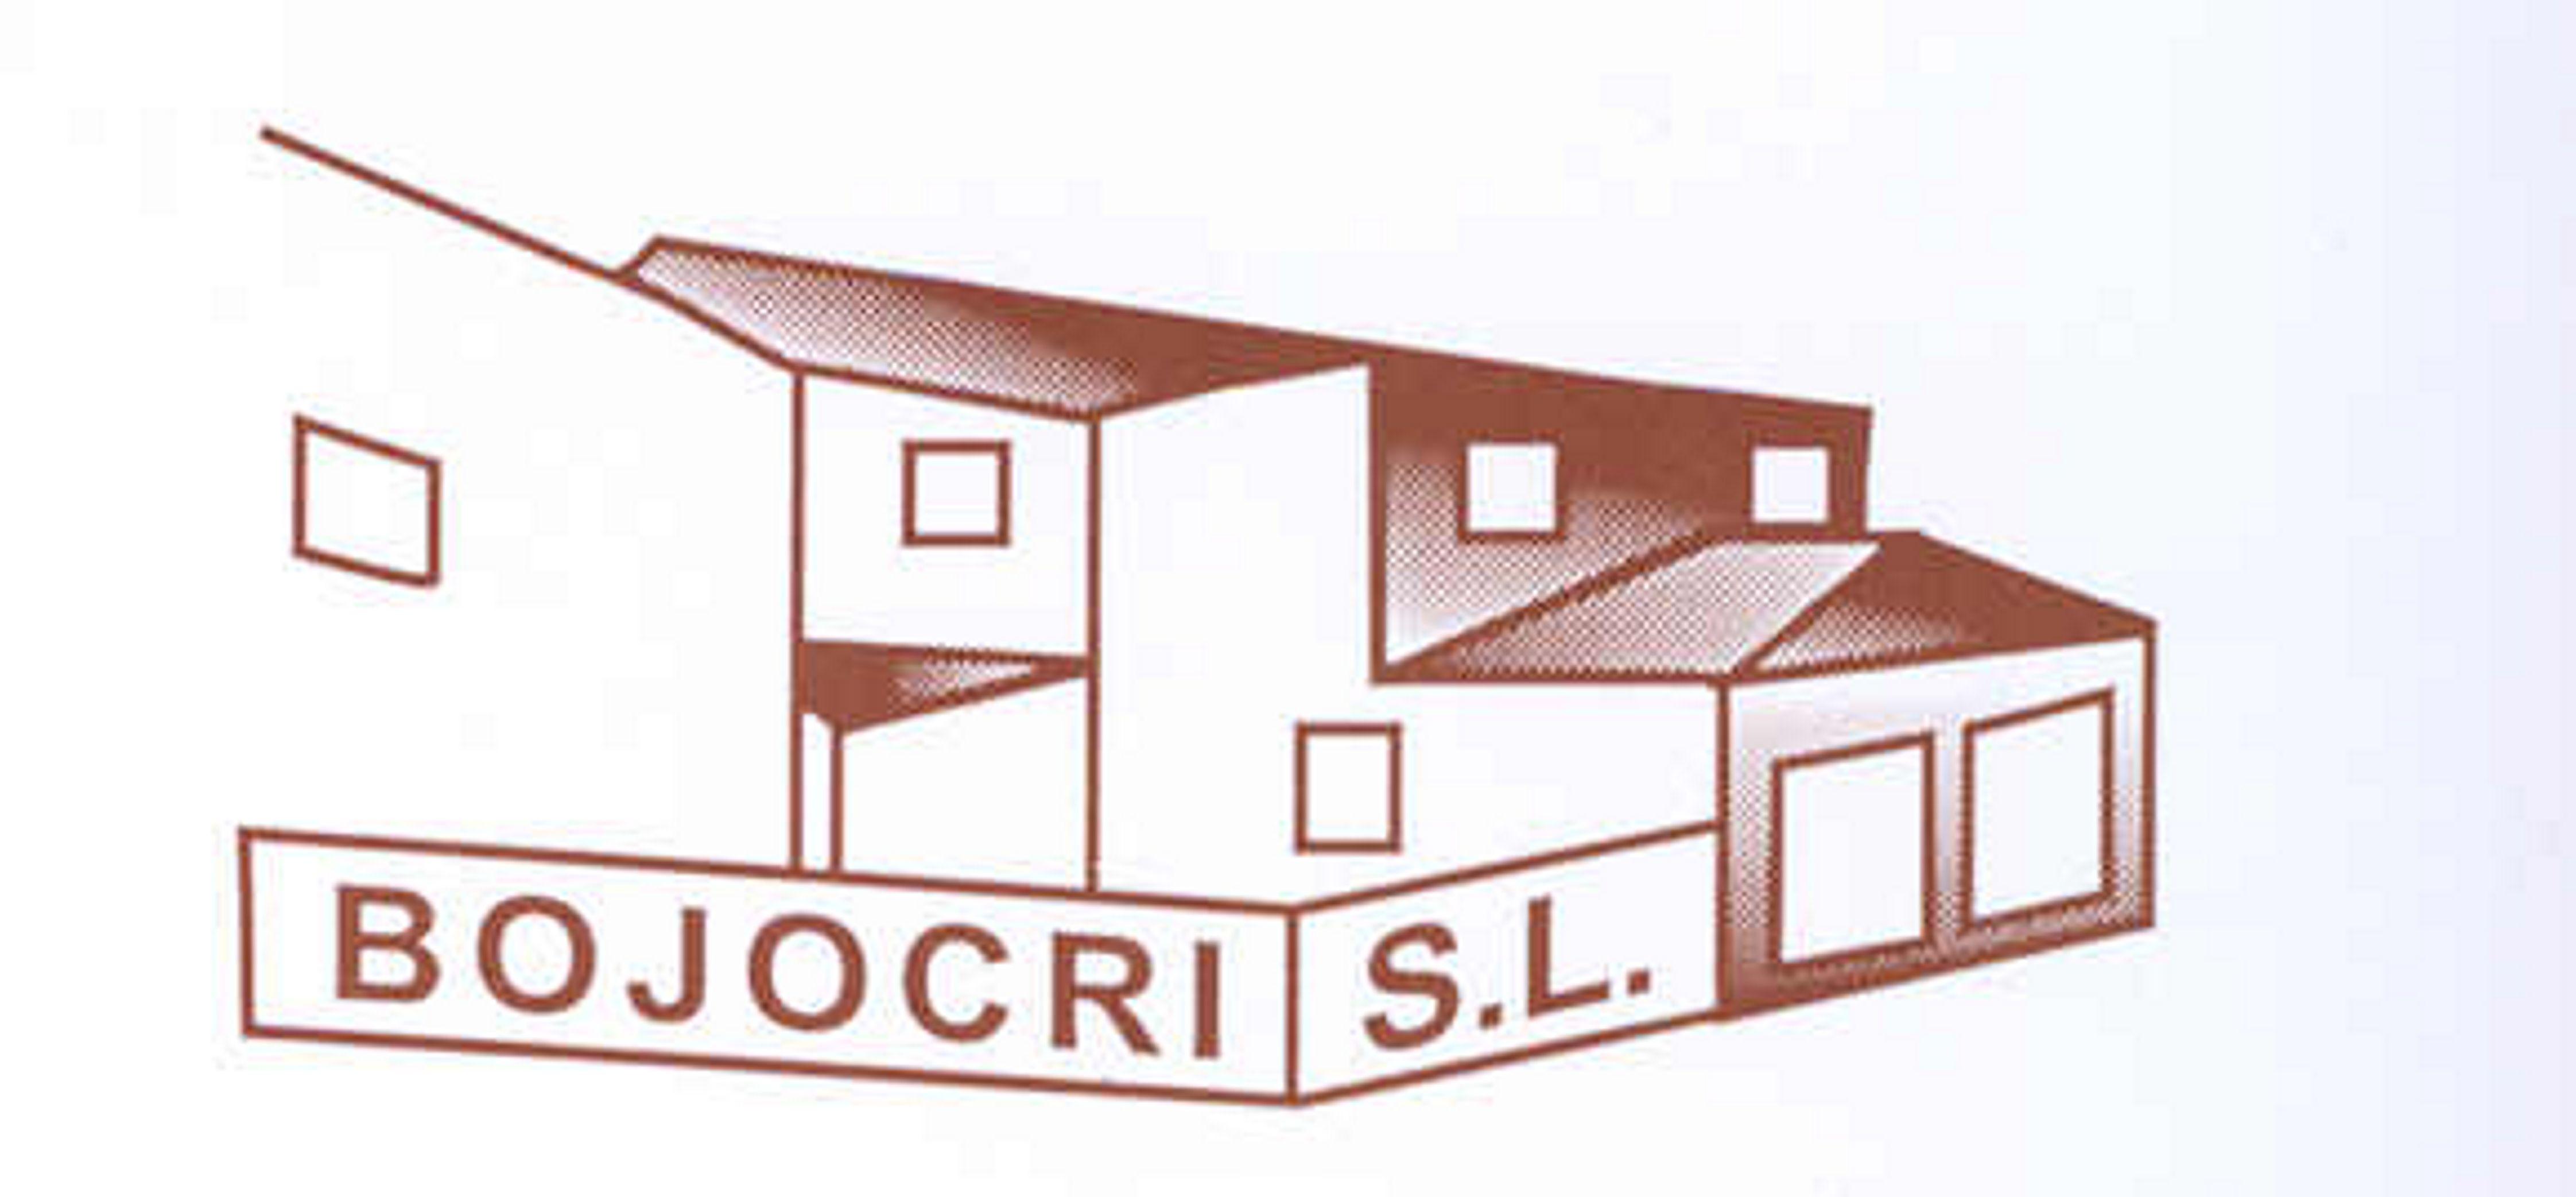 Bojocri Construcciones, S.l.